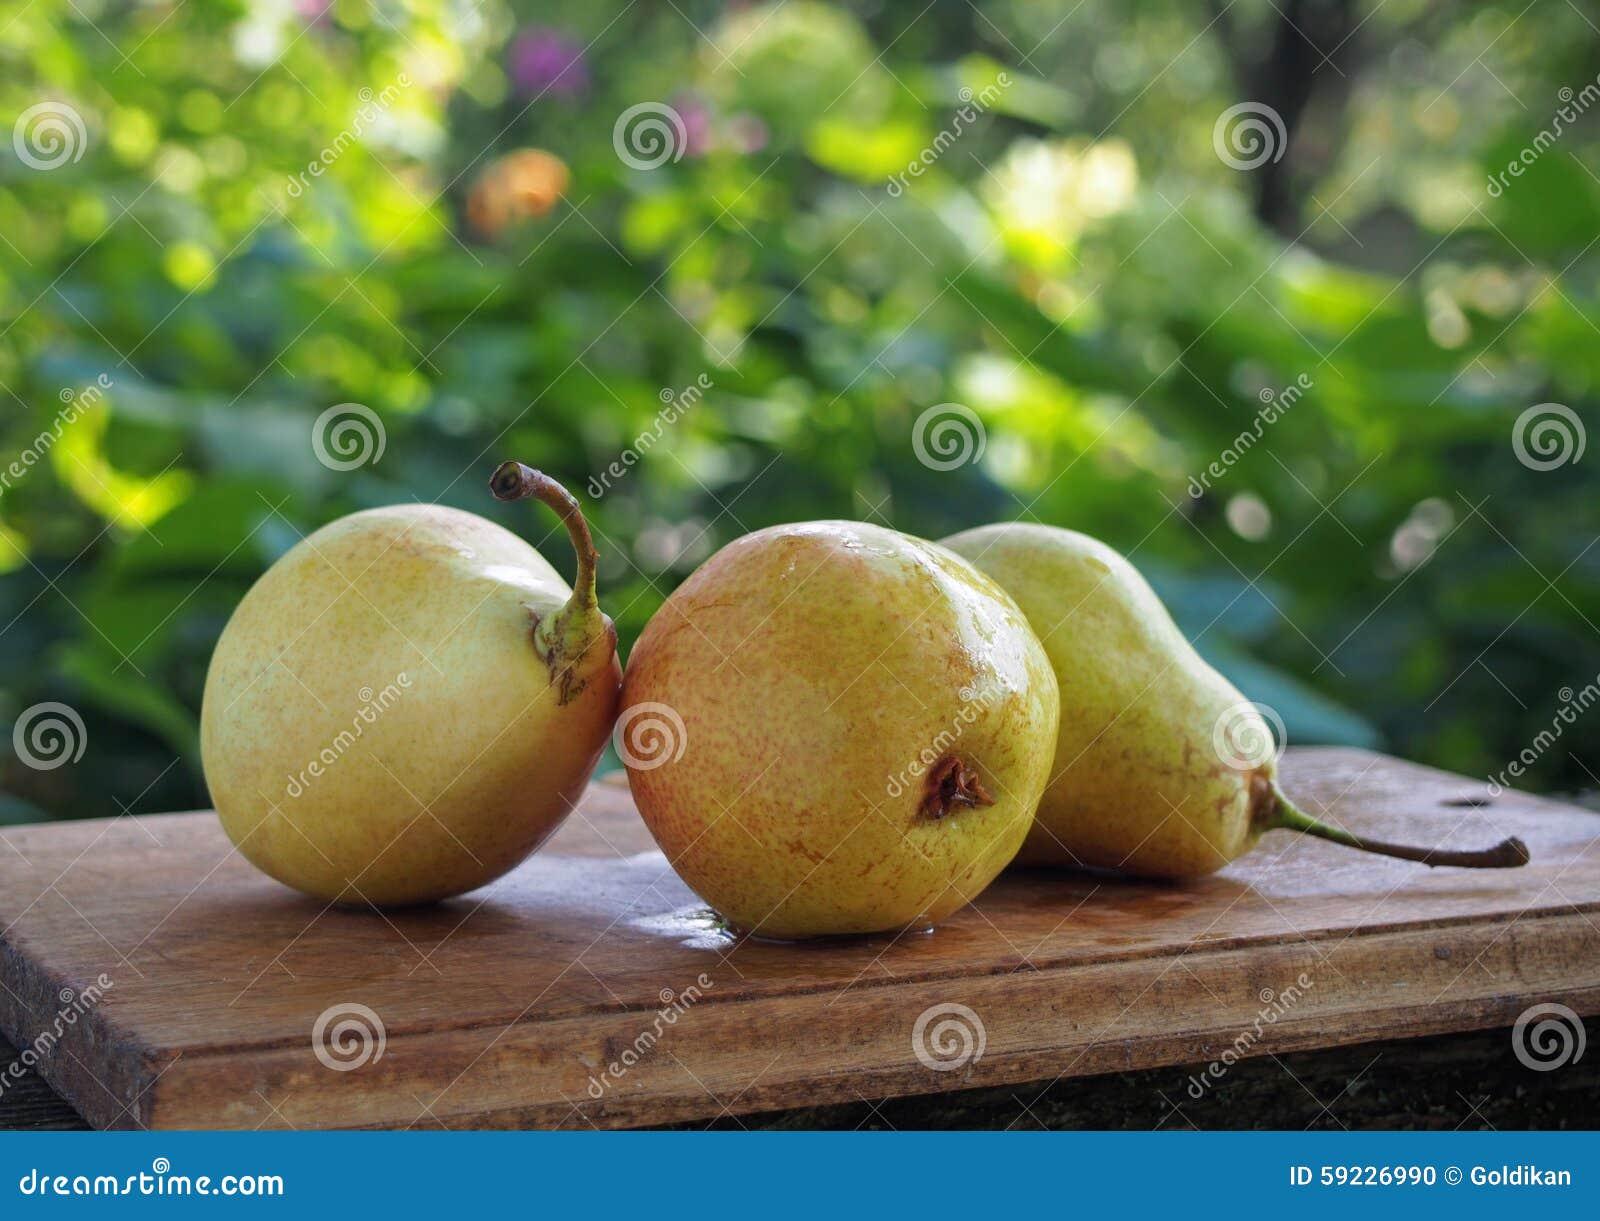 Download Peras amarillas maduras foto de archivo. Imagen de fruta - 59226990